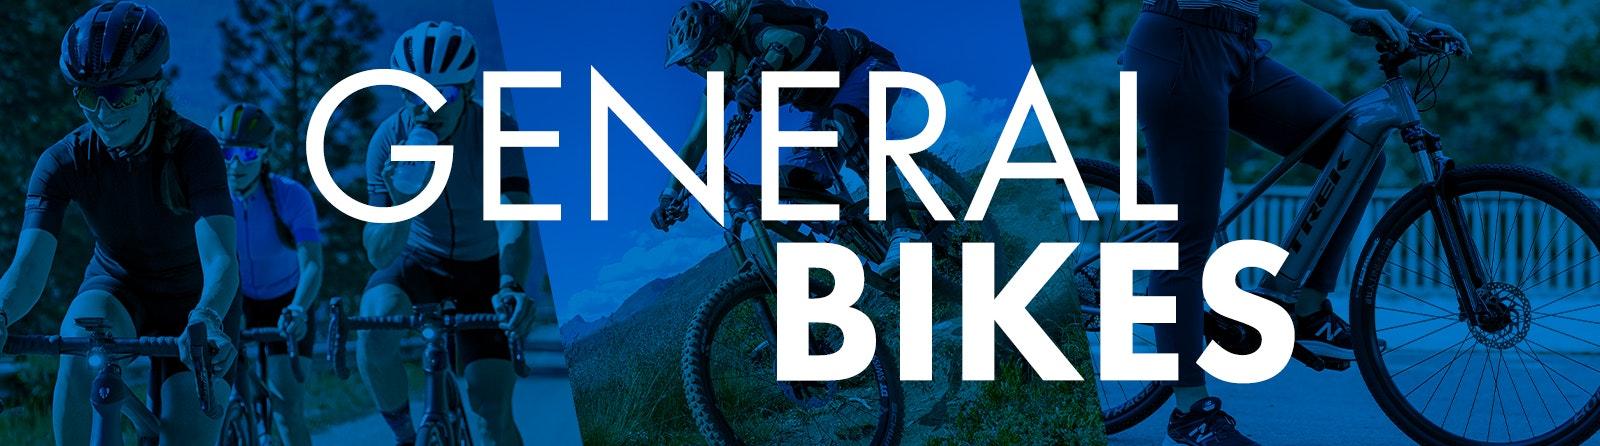 General Bikes